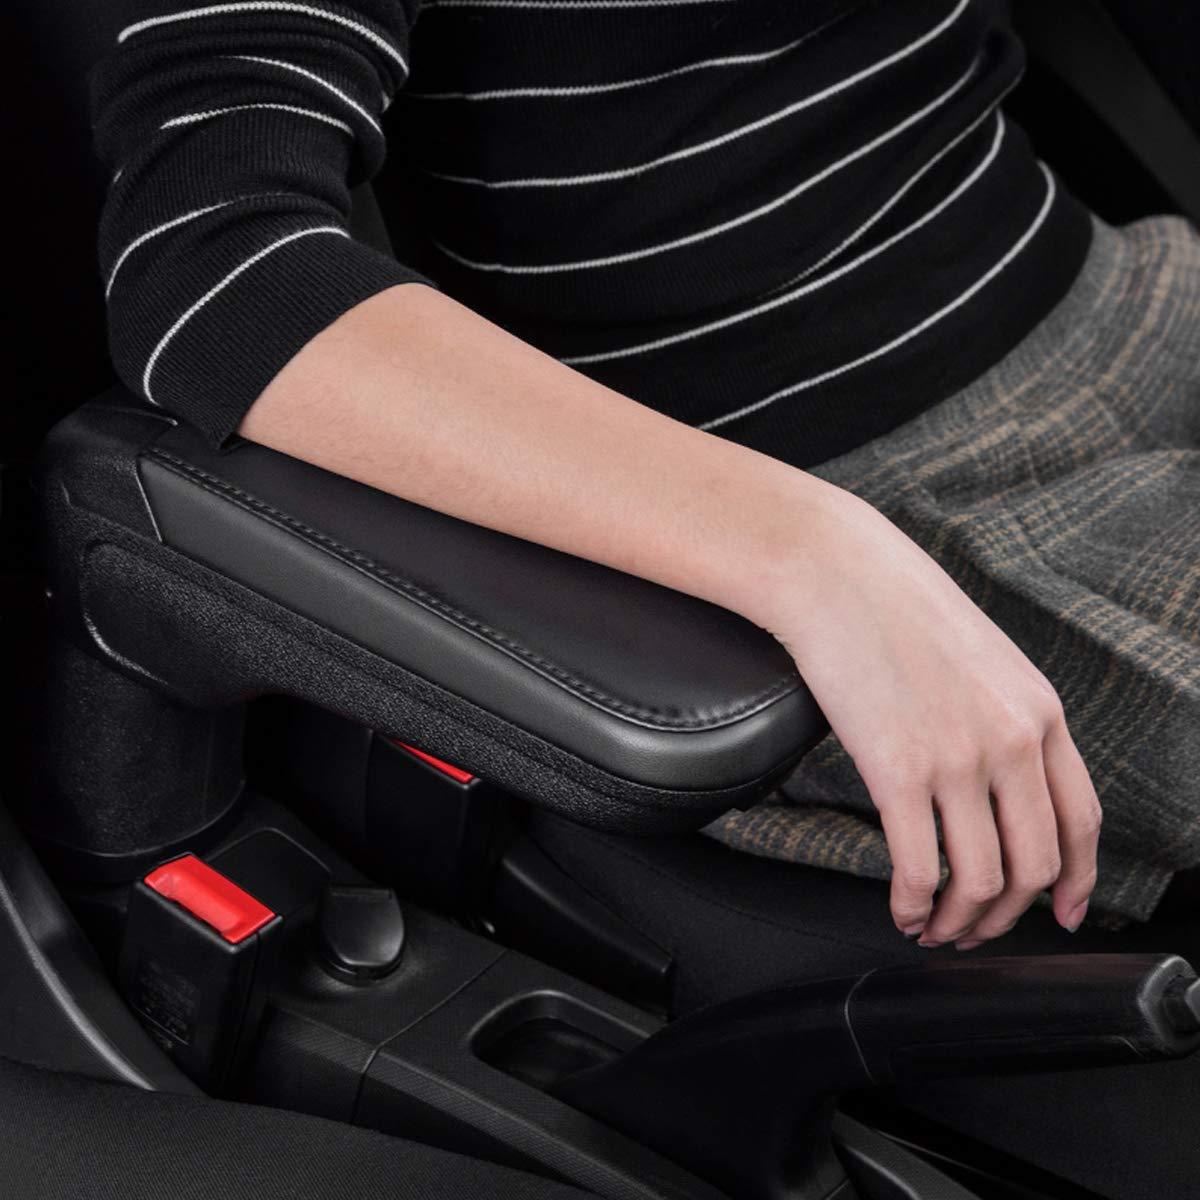 DIYUCAR per Benz Smart 453 Fortwo Forfour 2015 2019 auto interno bracciolo in pelle Organize Box vassoio con portabicchieri Locker